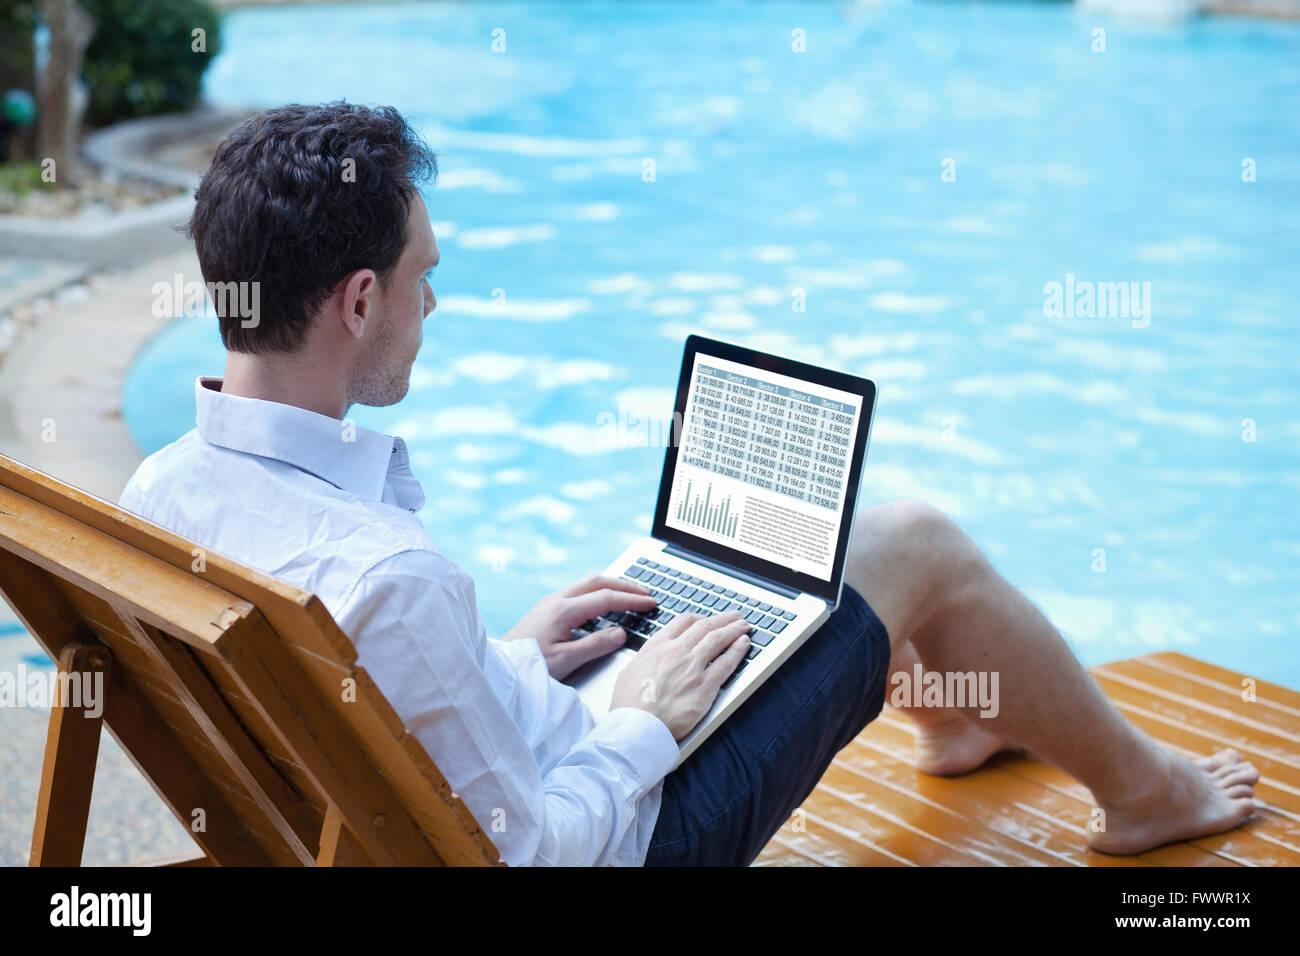 Börse online, Business Mann arbeitet mit finanziellen Daten online auf Laptop in der Nähe von Schwimmbad Stockbild